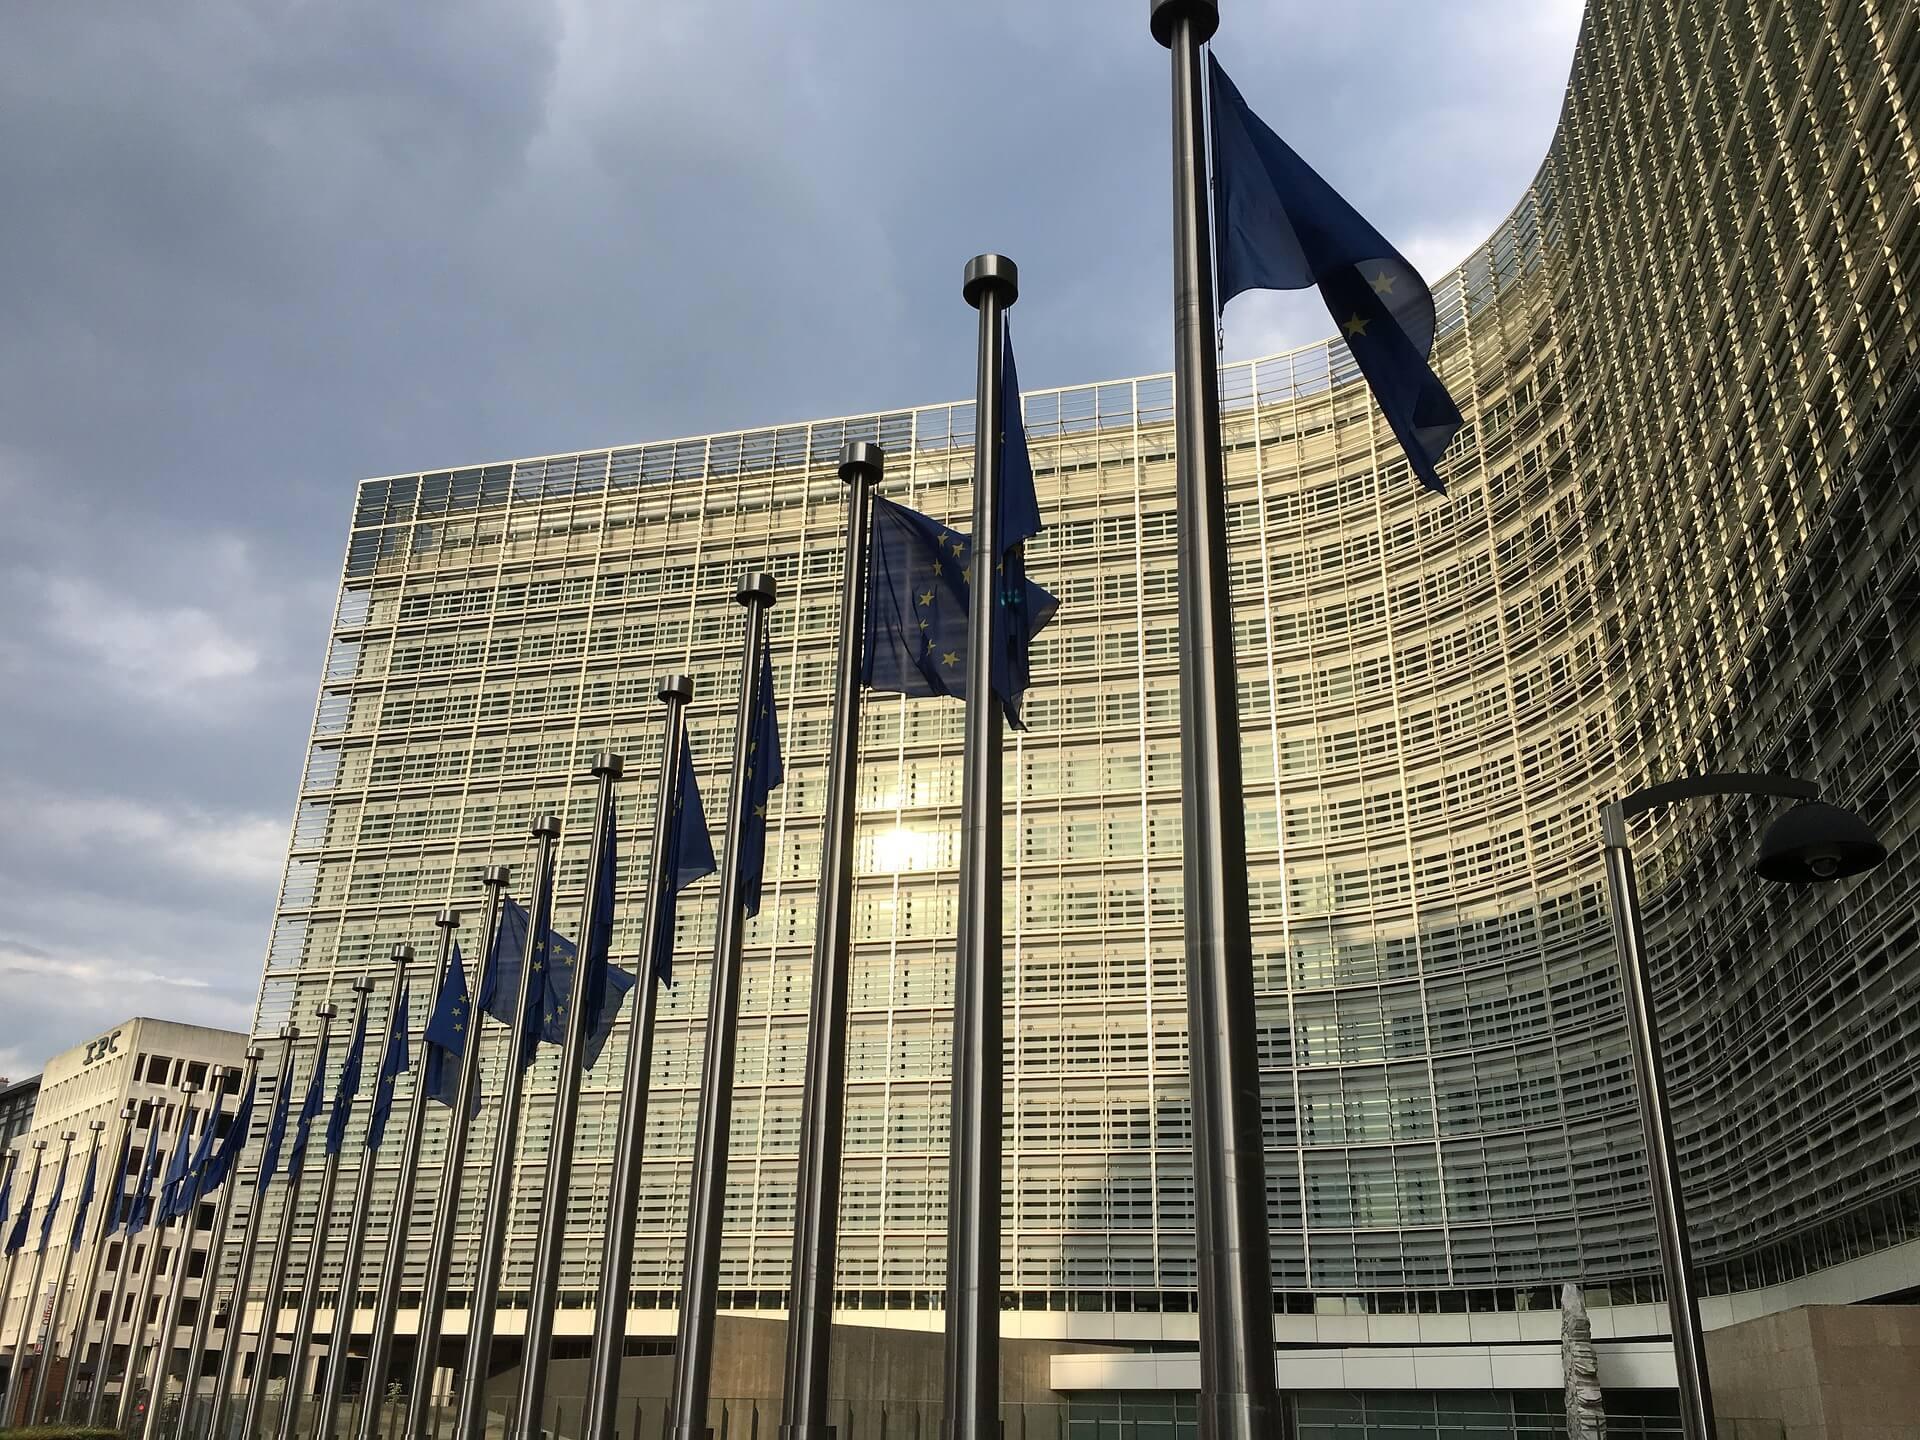 Brüssel Sehenswürdigkeiten Brüssel Sightseeing